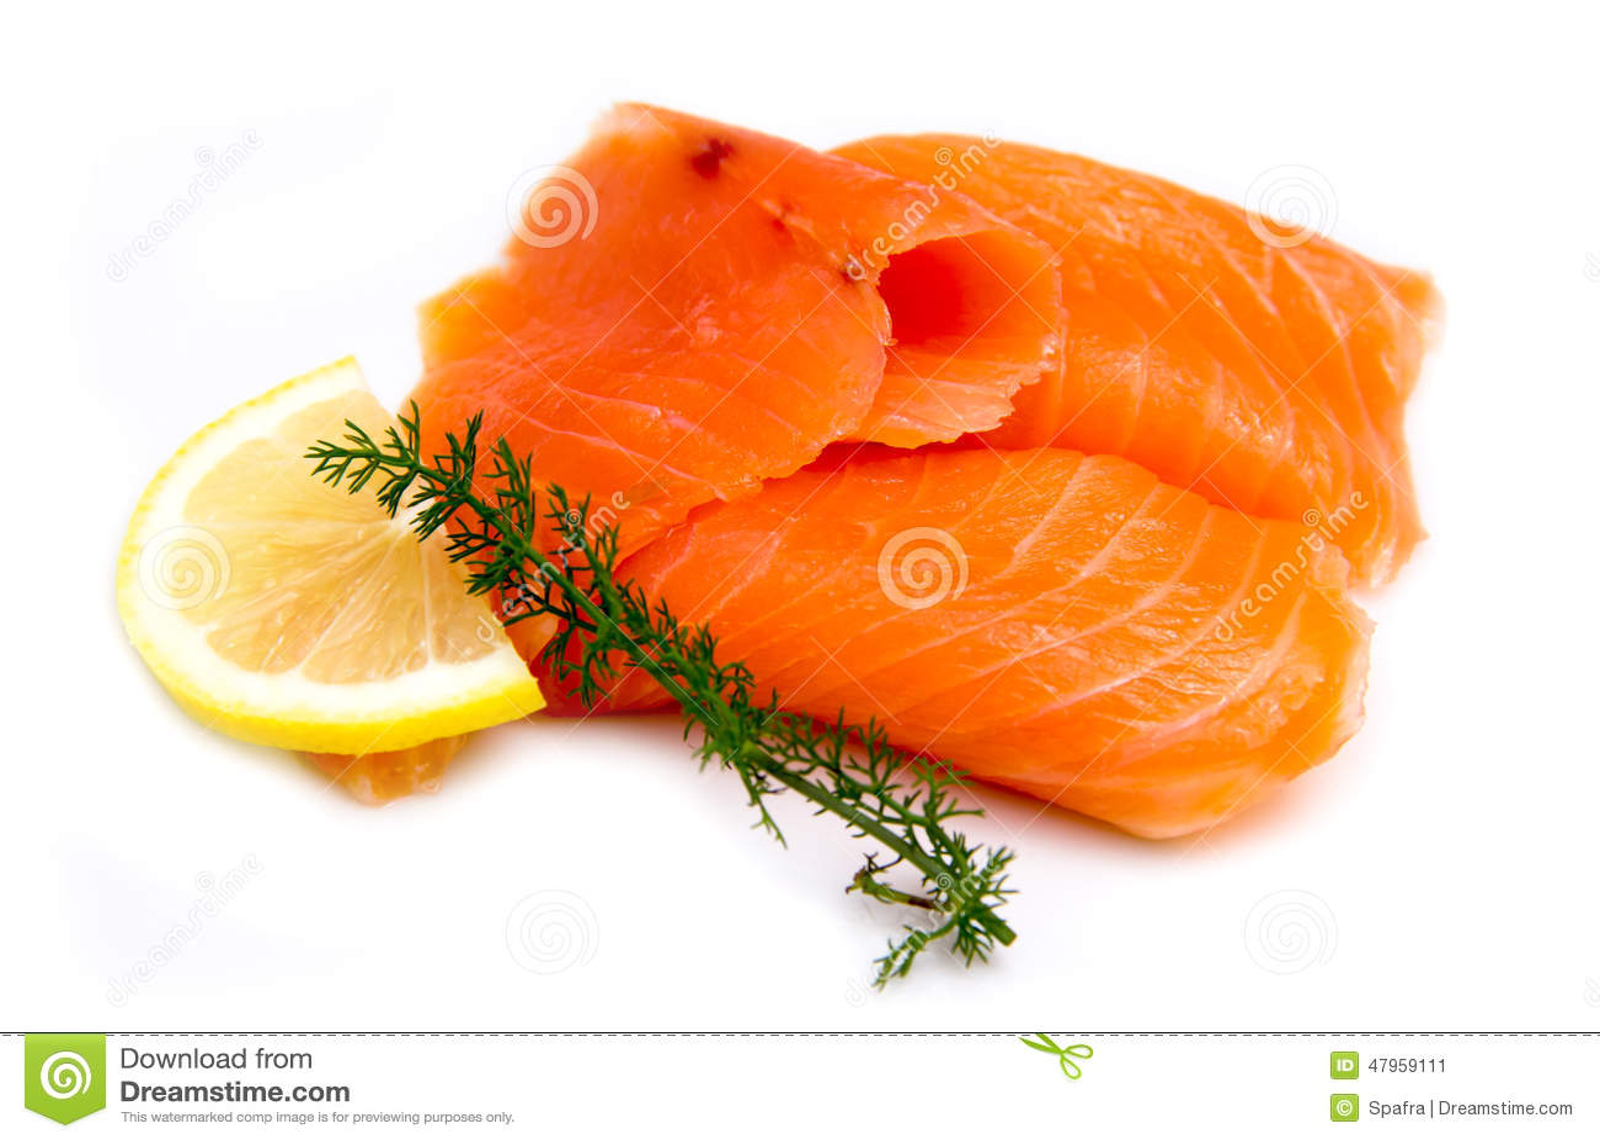 Smoked Salmon Stock Photo   CartoonDealer.com #37422462